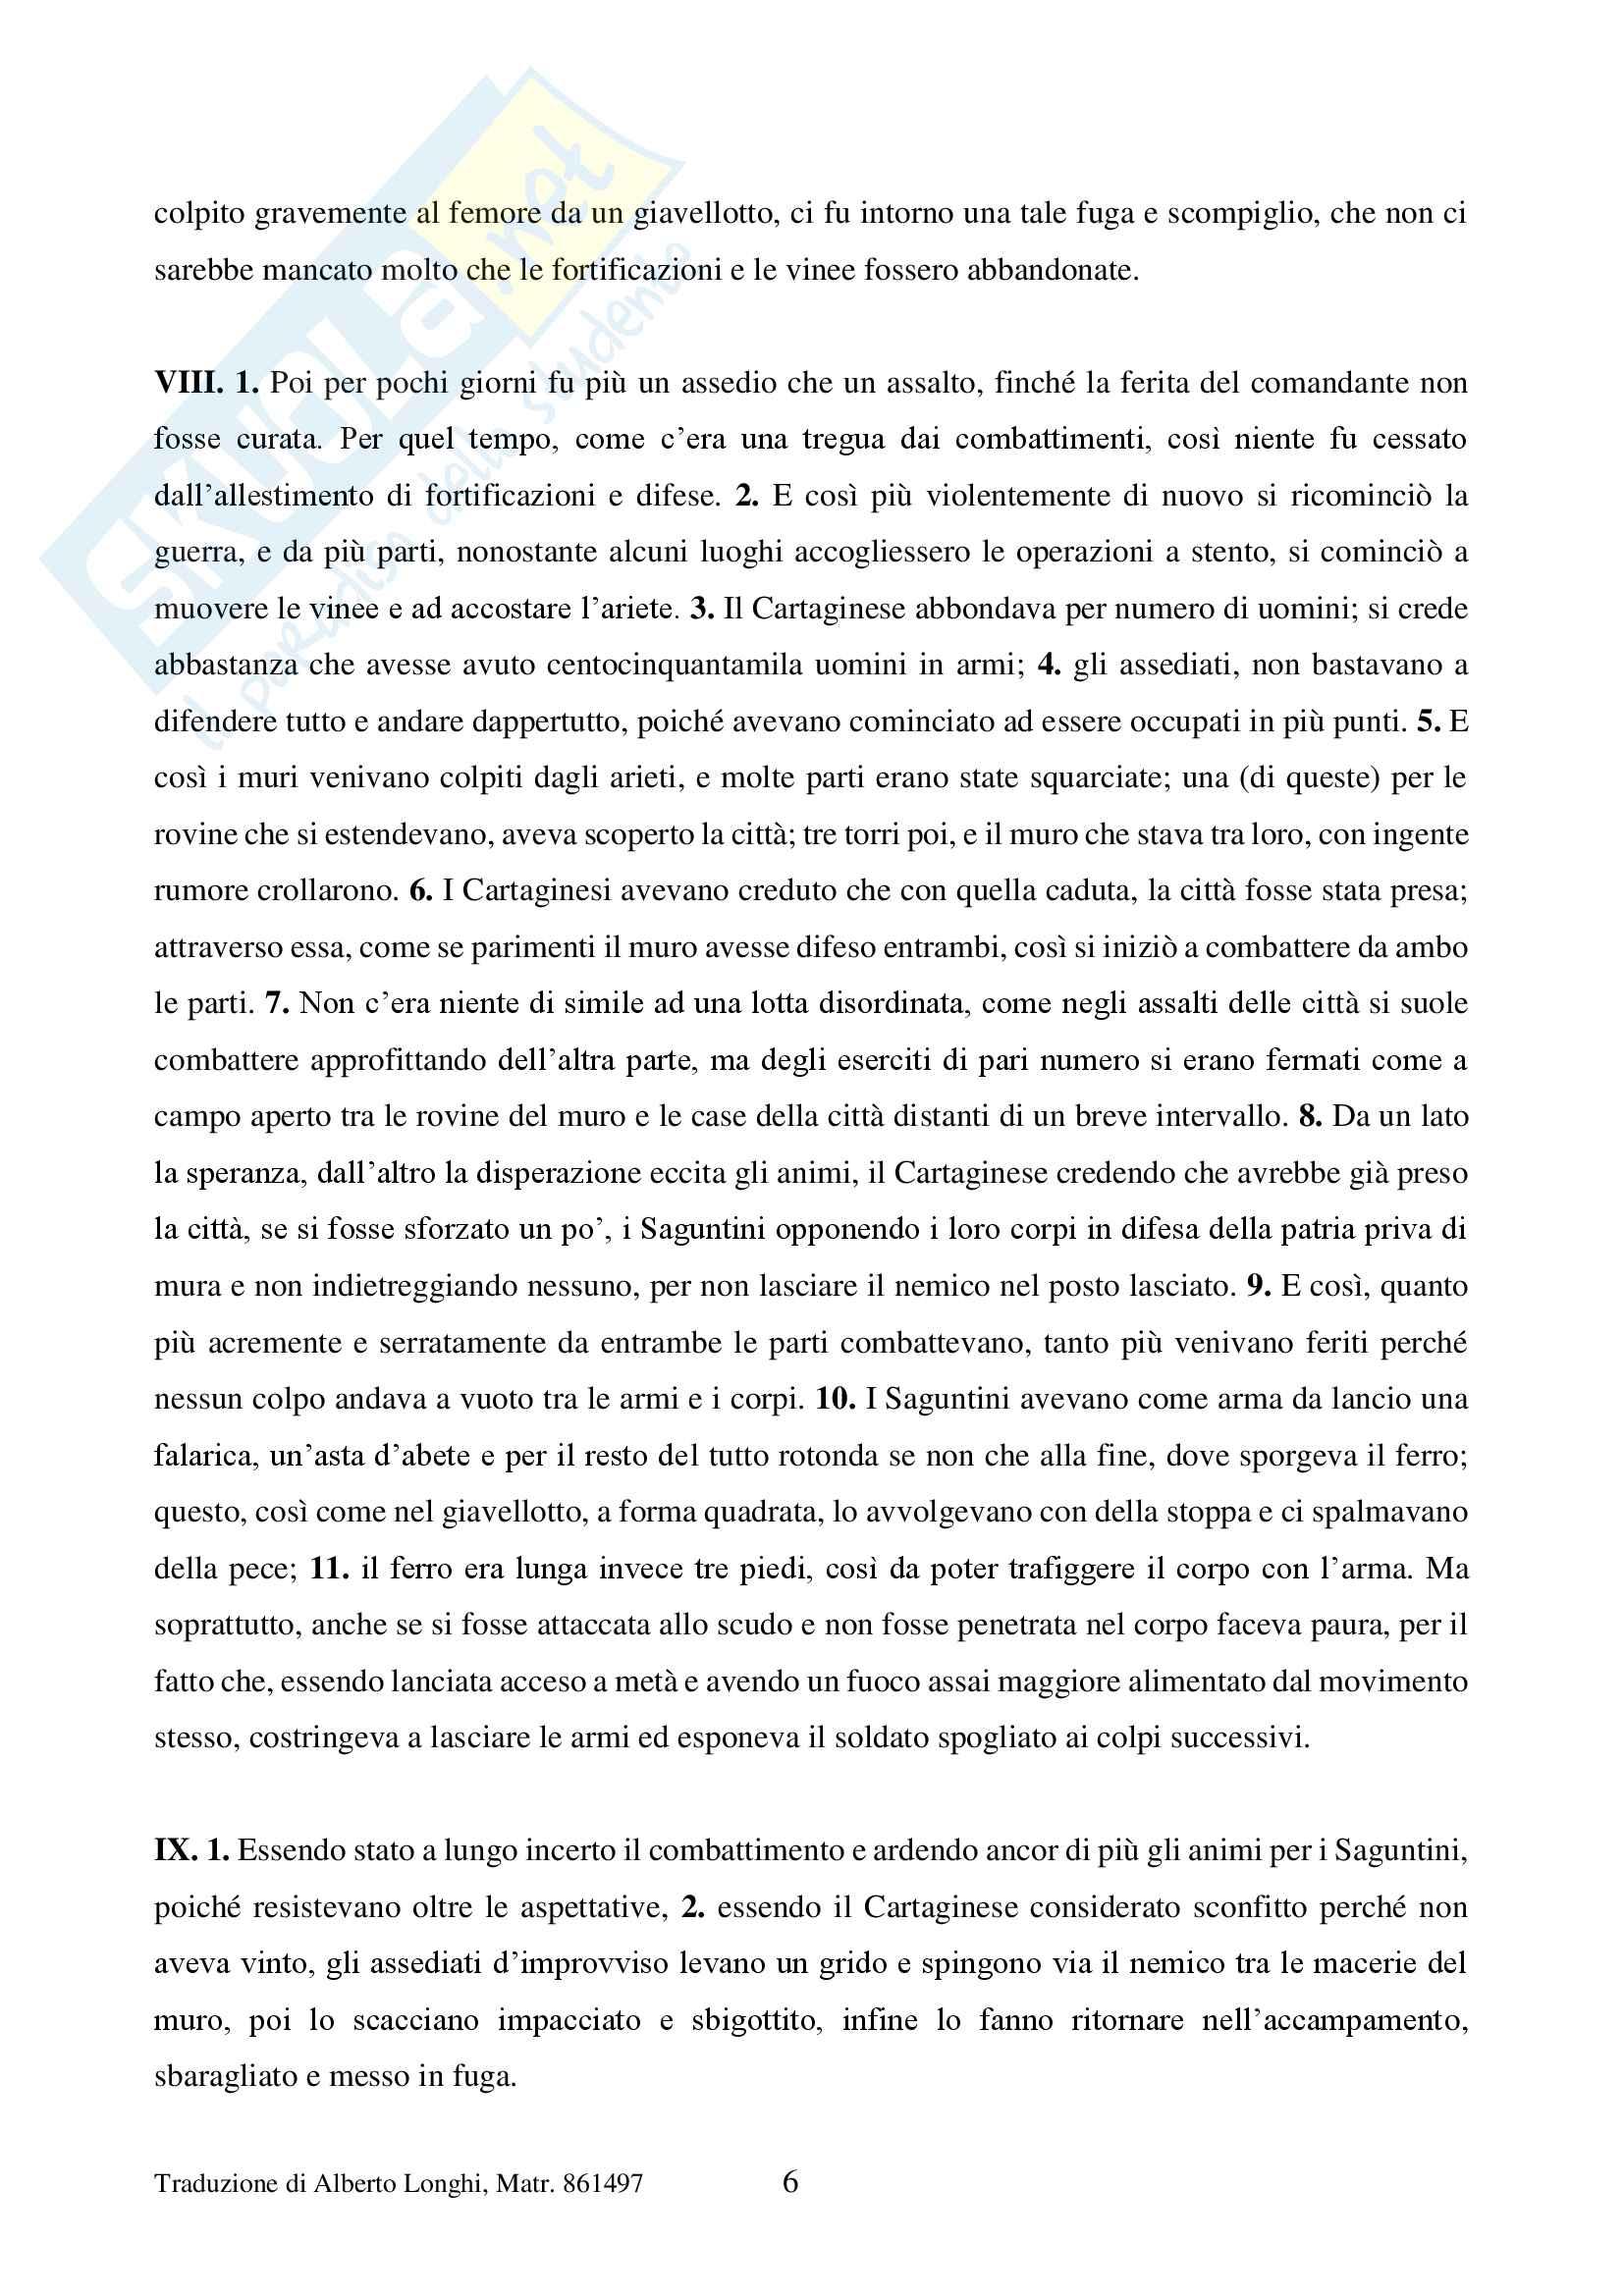 Tito Livio Libro XXI Pag. 6